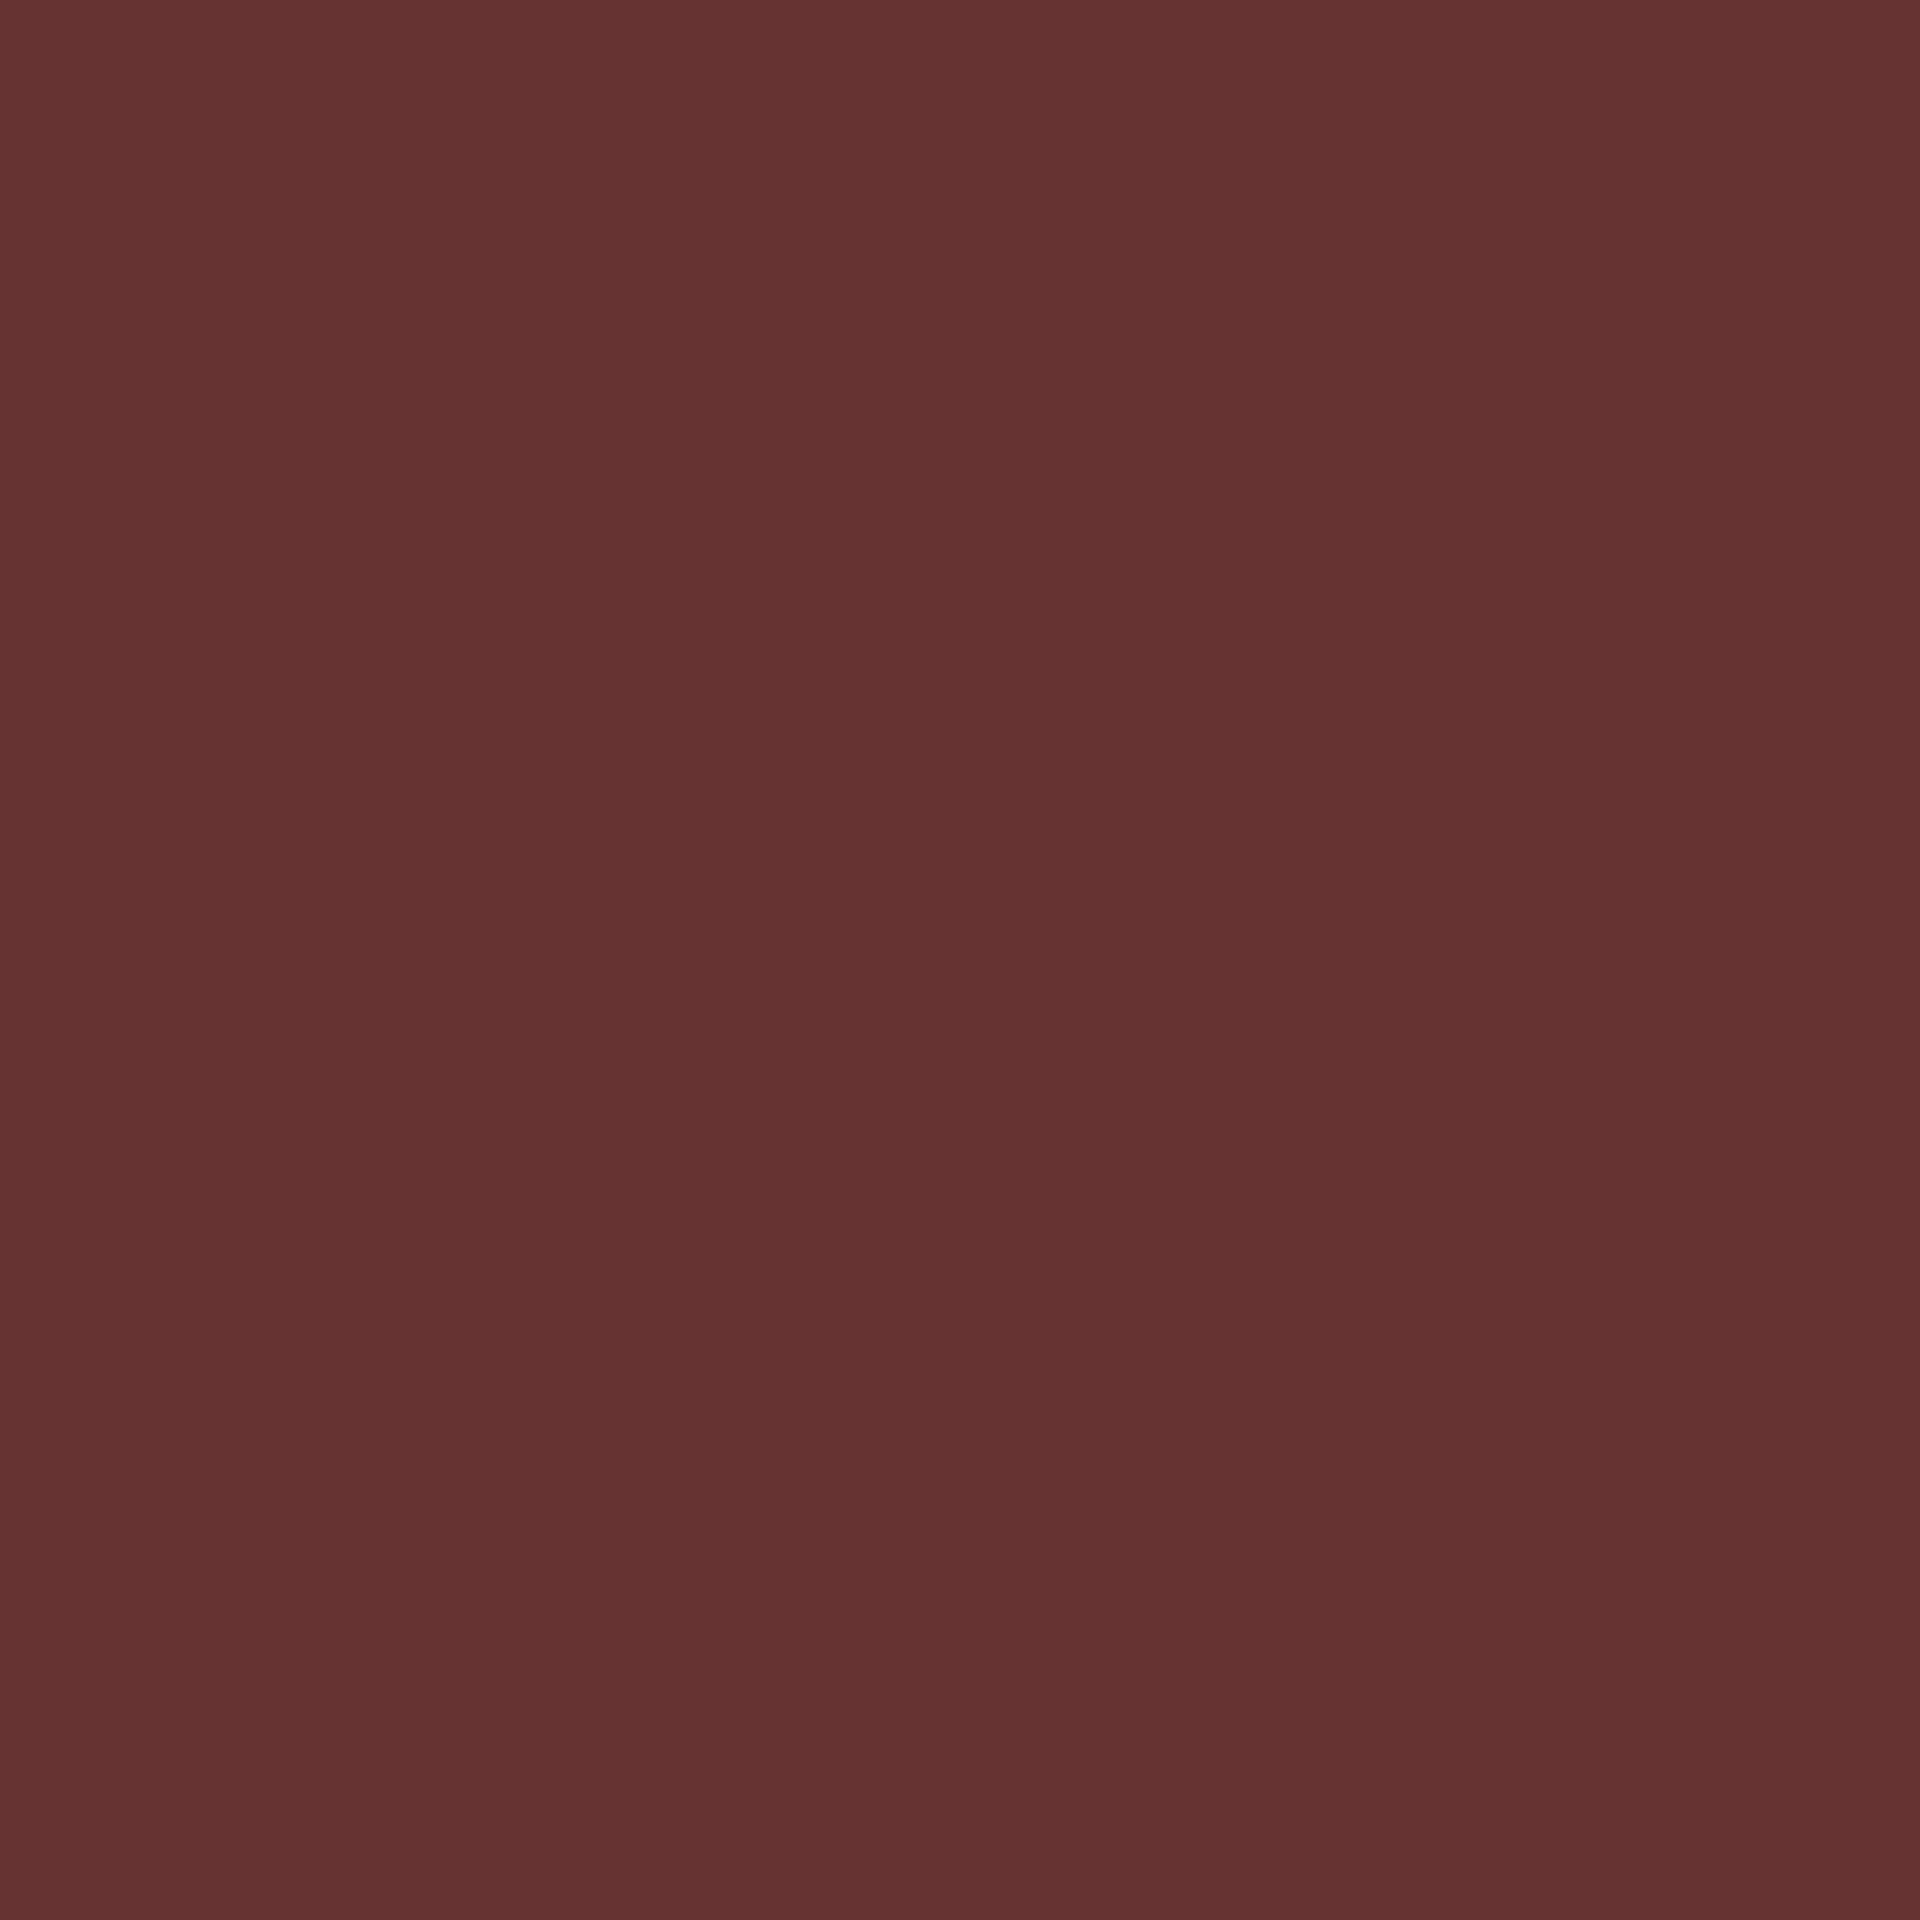 maroon red block